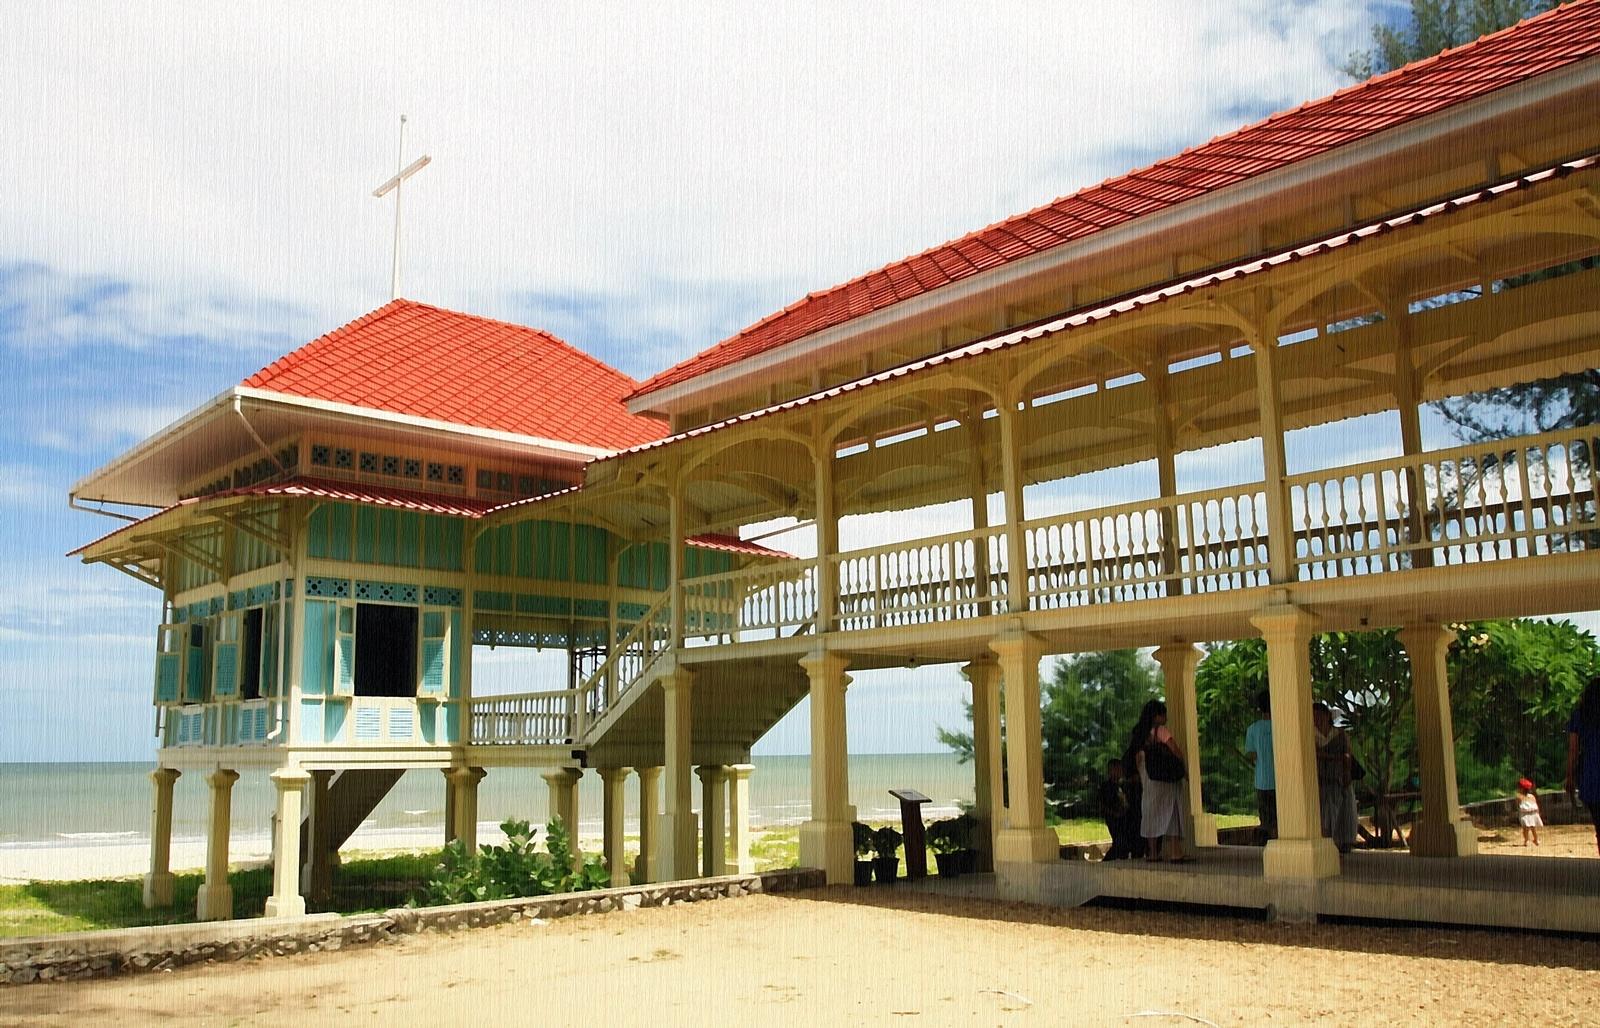 Royal Palace No. 2 by Toom Wai Thong